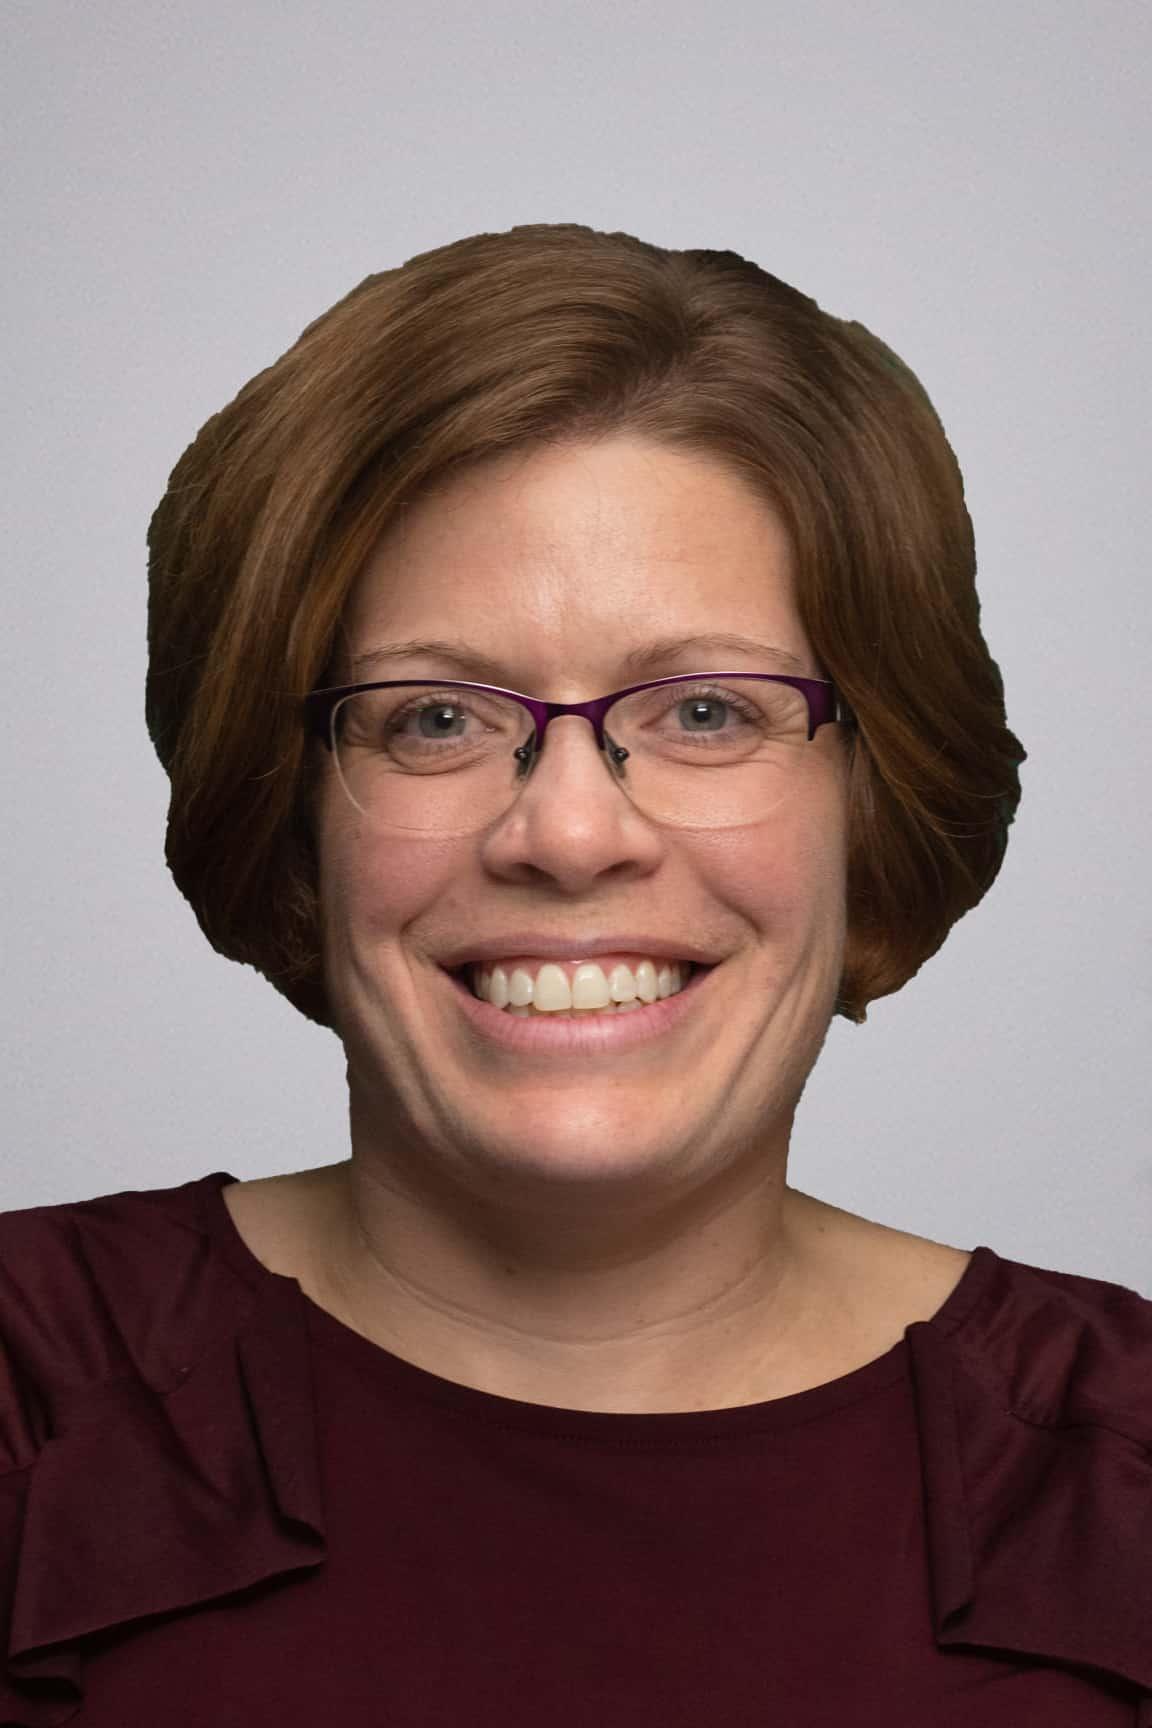 Kathy Perrier headshot